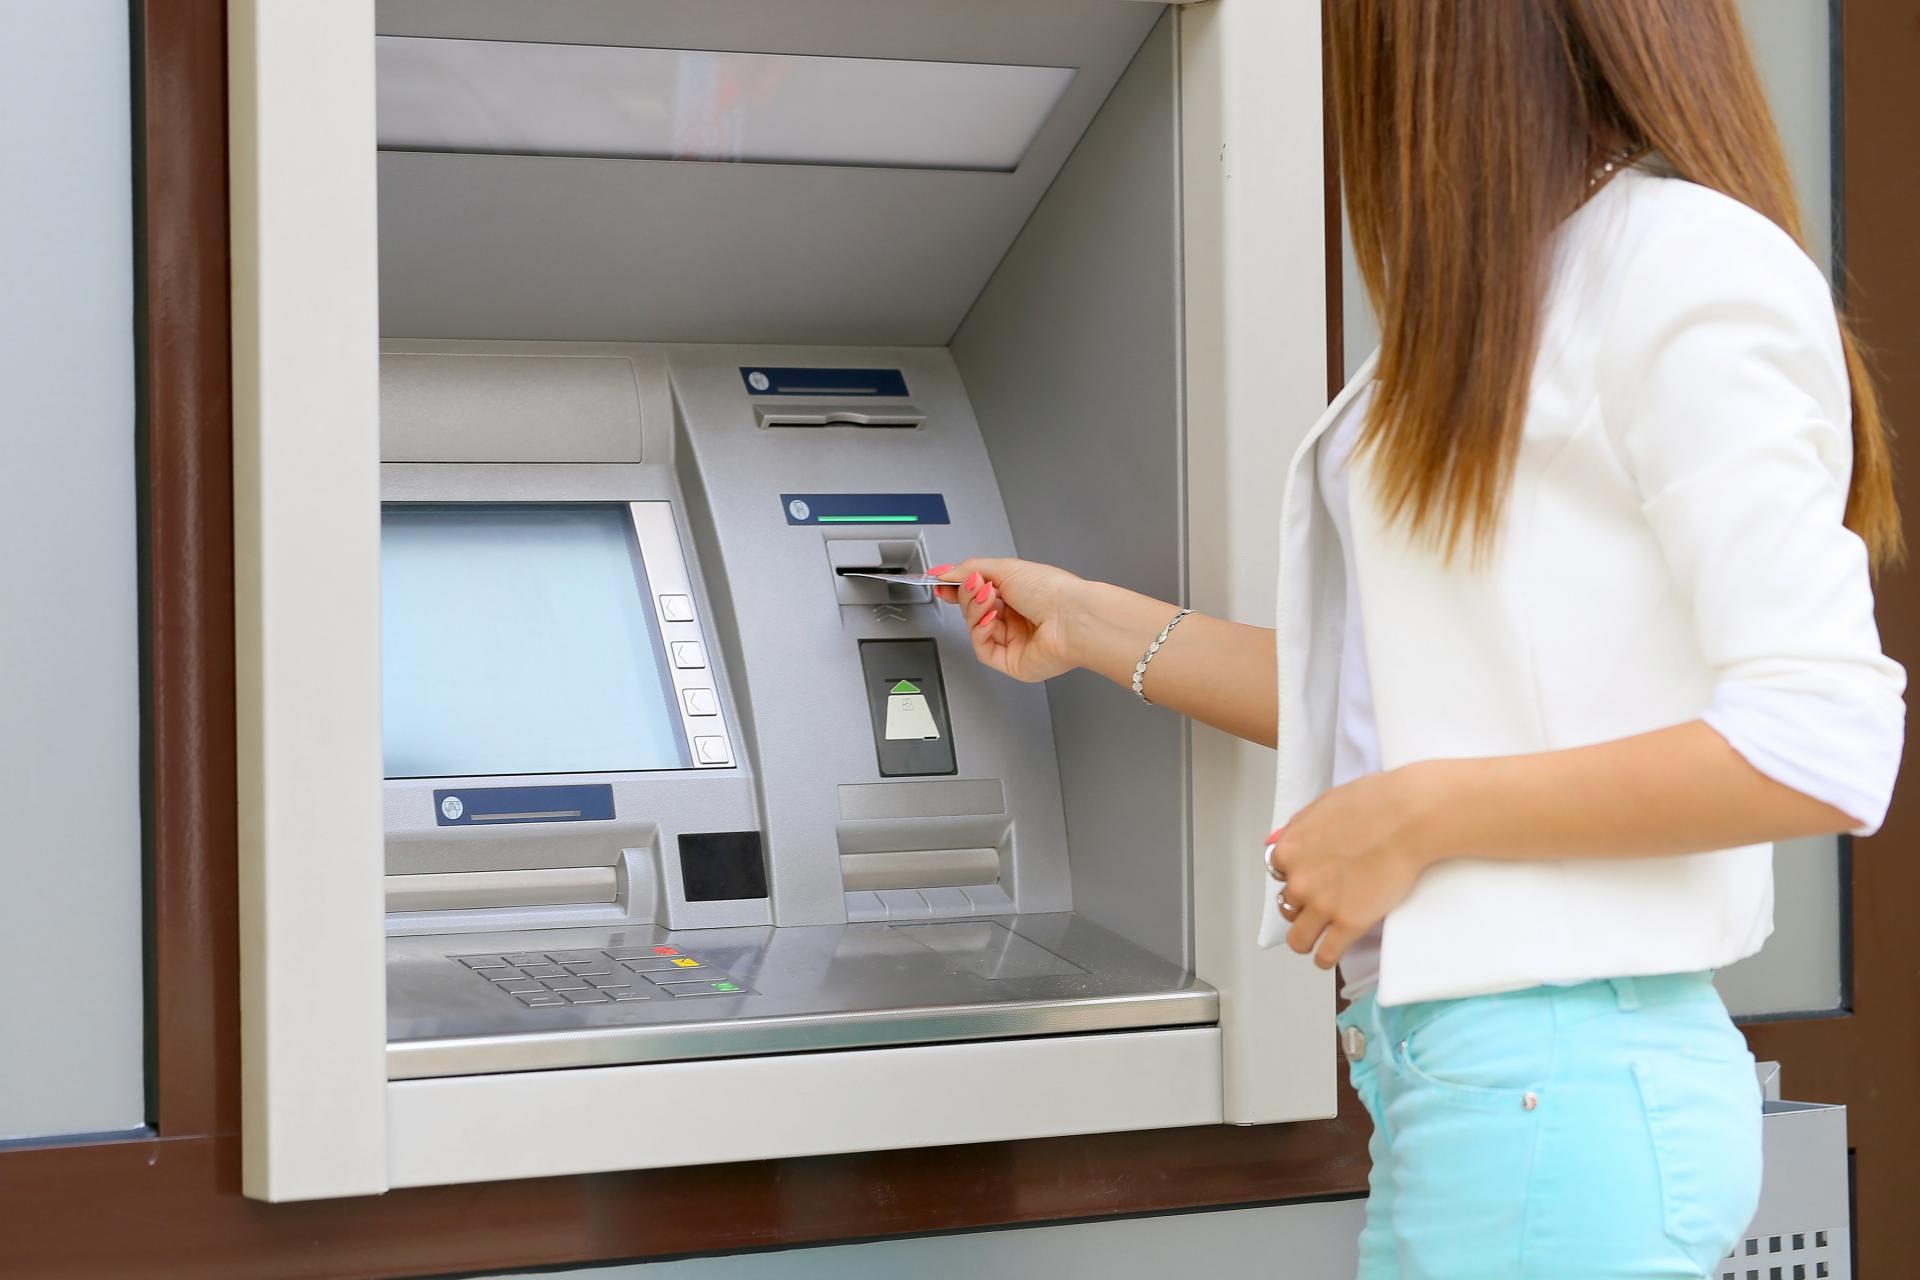 Čim sam se iskrcala iz autobusa, išla sam potražiti bankomat. I požalila sam, kaže Sarajka